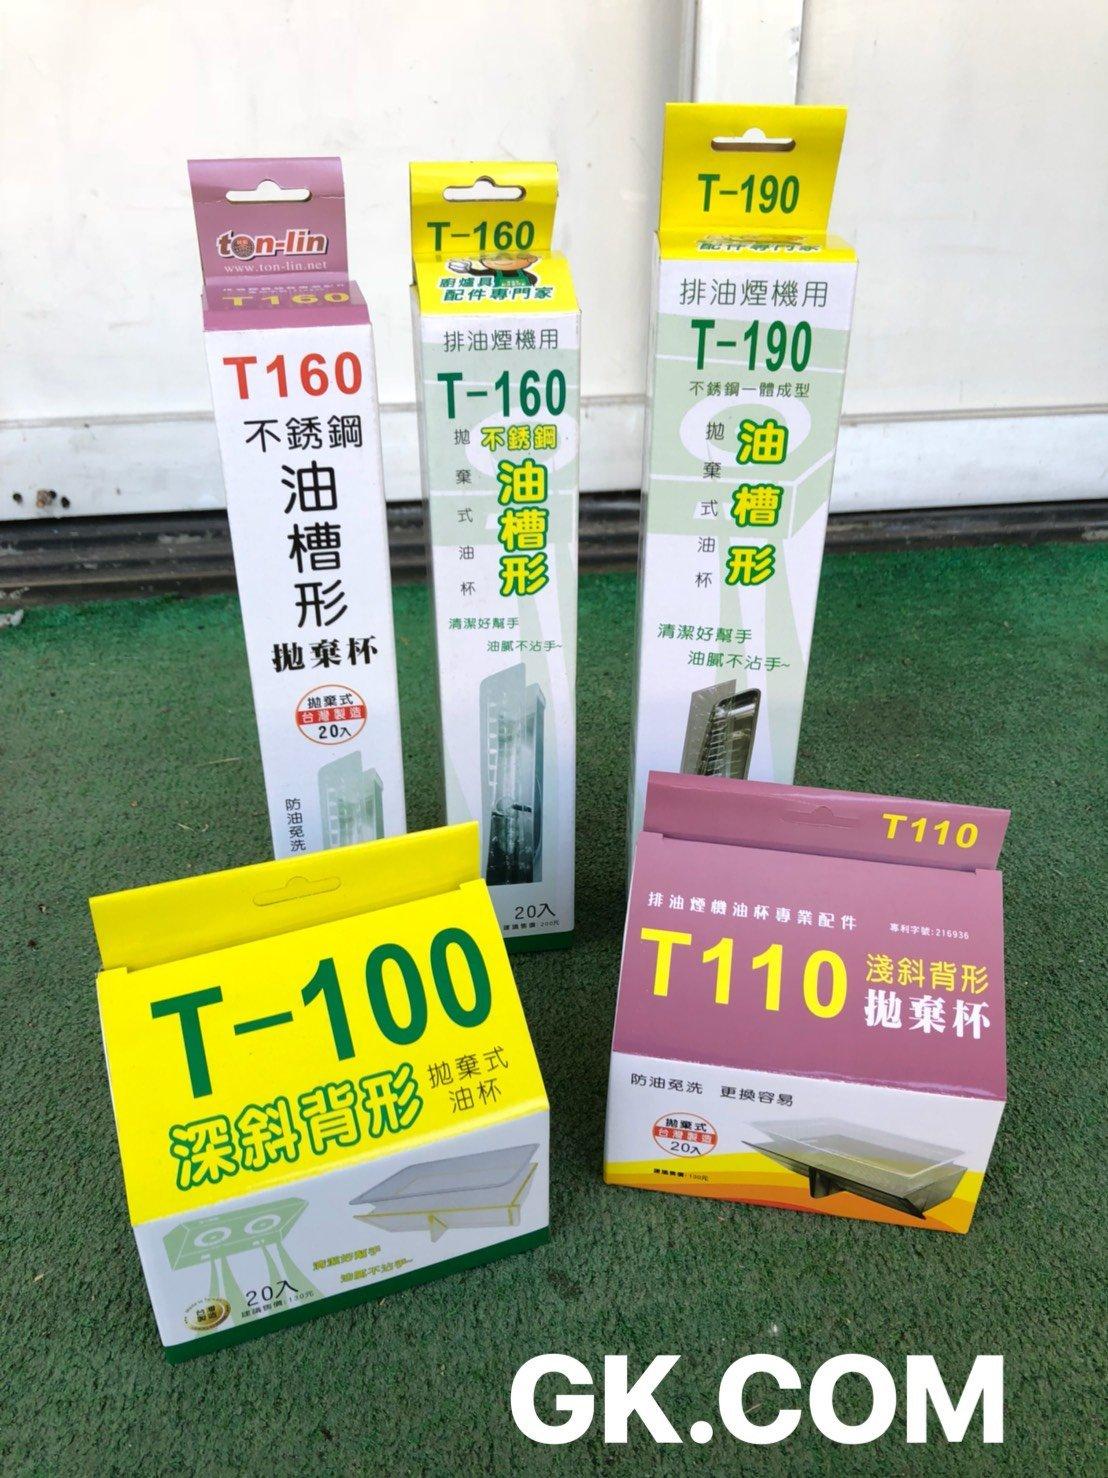 《GK.COM》抽油煙機 T-160單孔拋棄式免洗油杯組(20入盒裝) 109